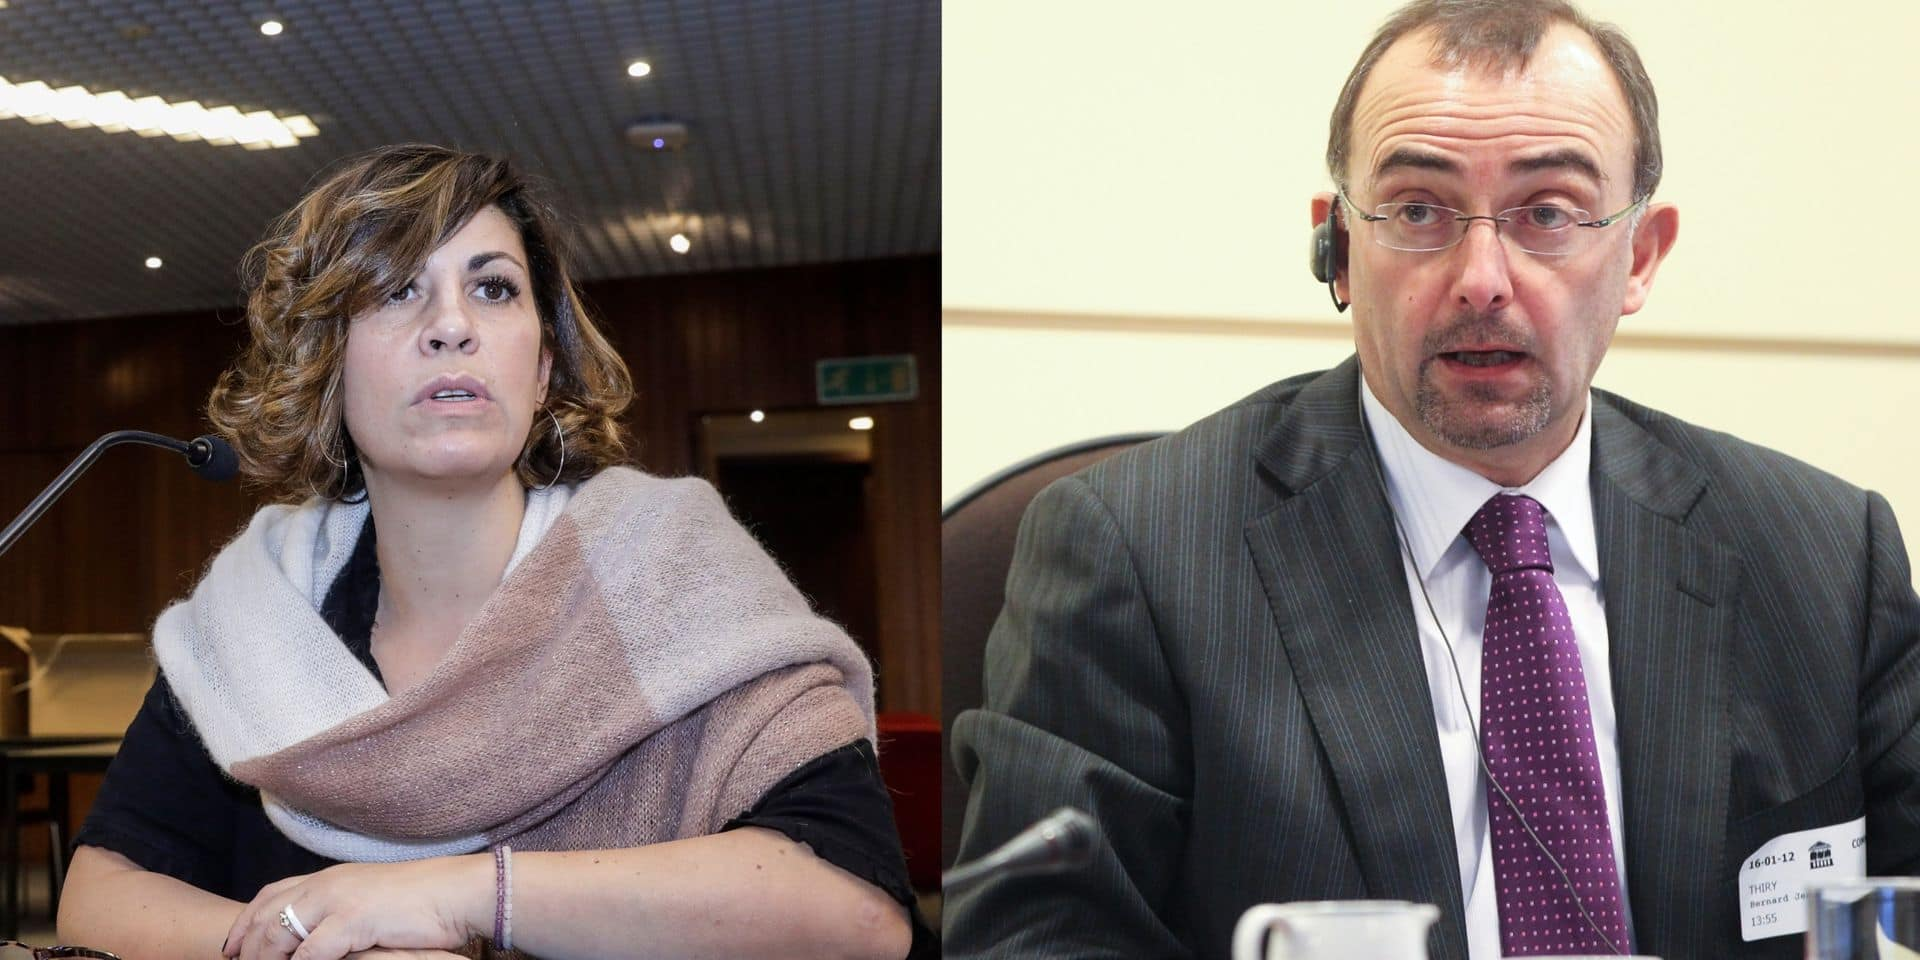 Affaire Nethys: duel entre Julie Fernandez-Fernandez et Bernard Thiry pour la présidence du fonds de pension Ogeo